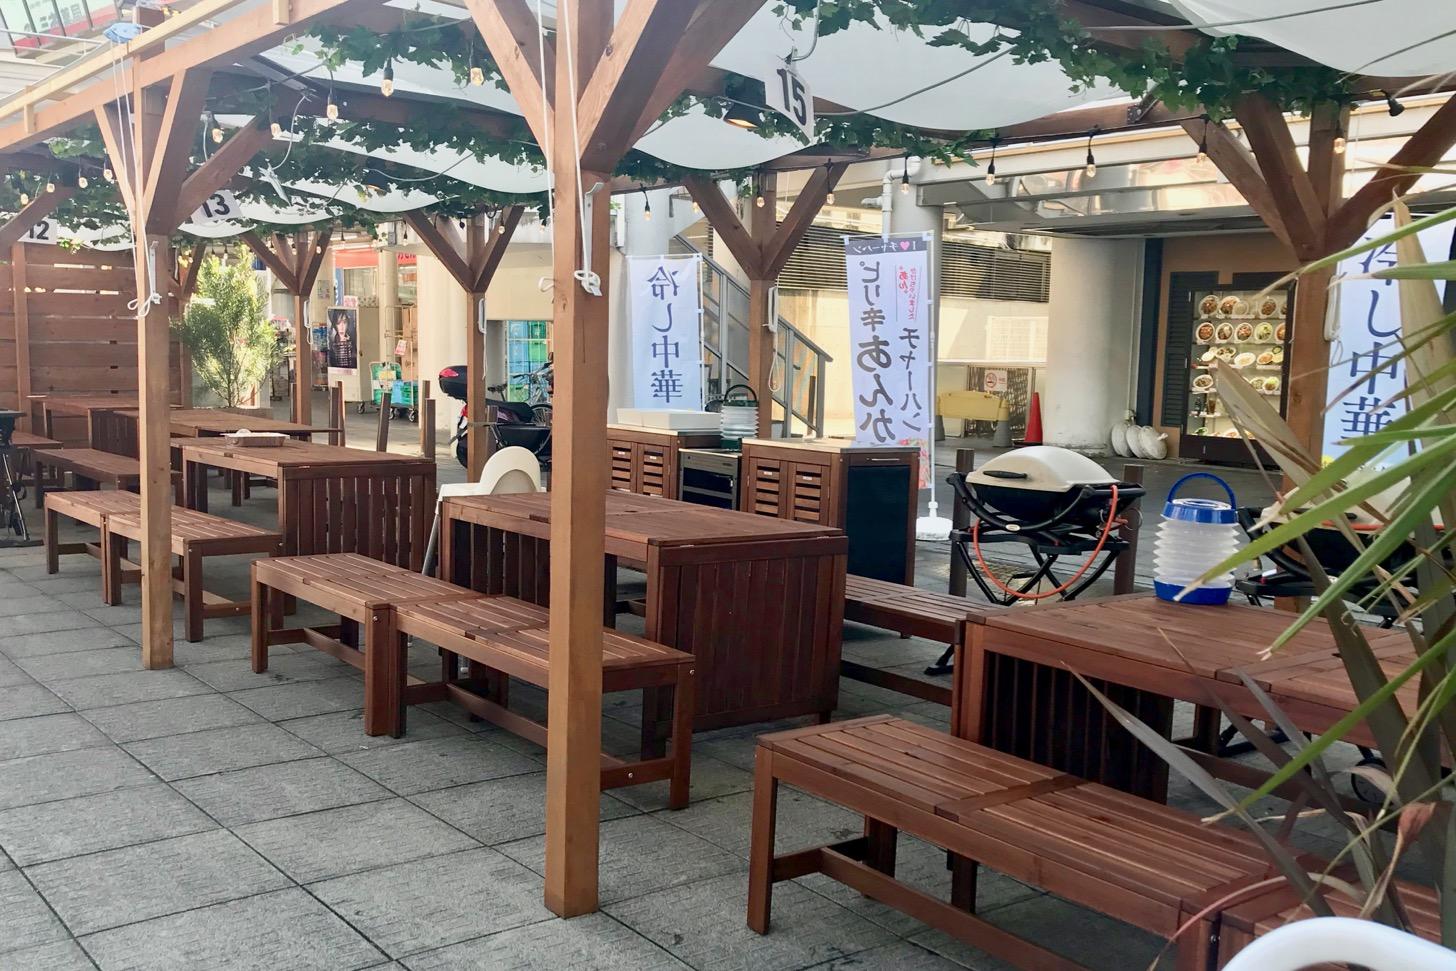 デジキューBBQガーデン 永山店